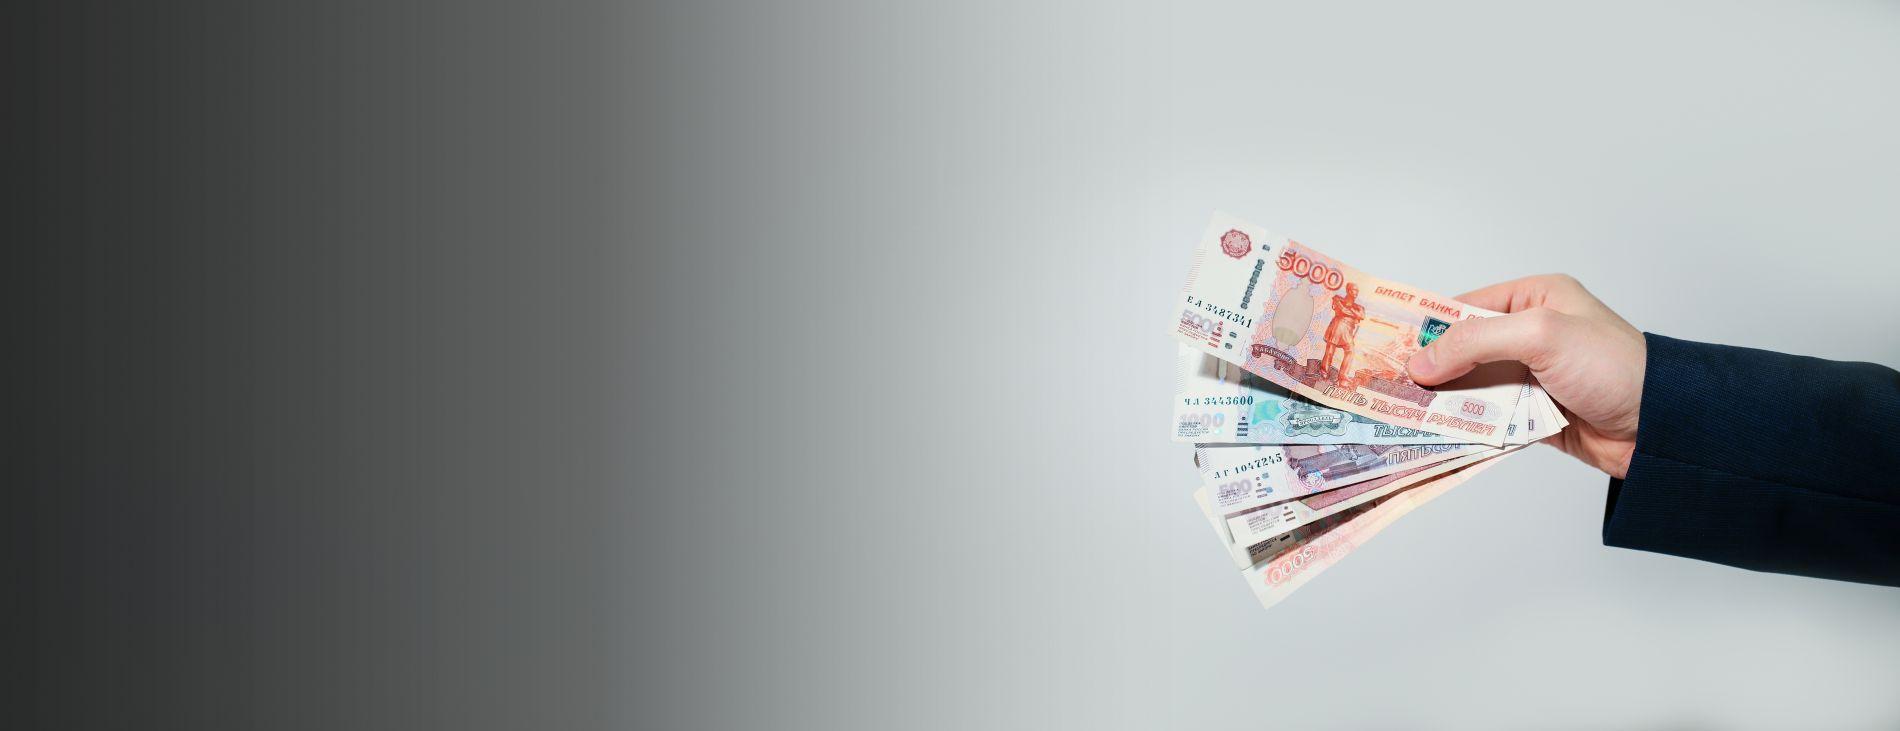 Деньги в кредит. Одобрение 98%. Ставка от 5,7%. Ежемесячный платеж от 2 385,92 р/мес. Срок до 18 лет.